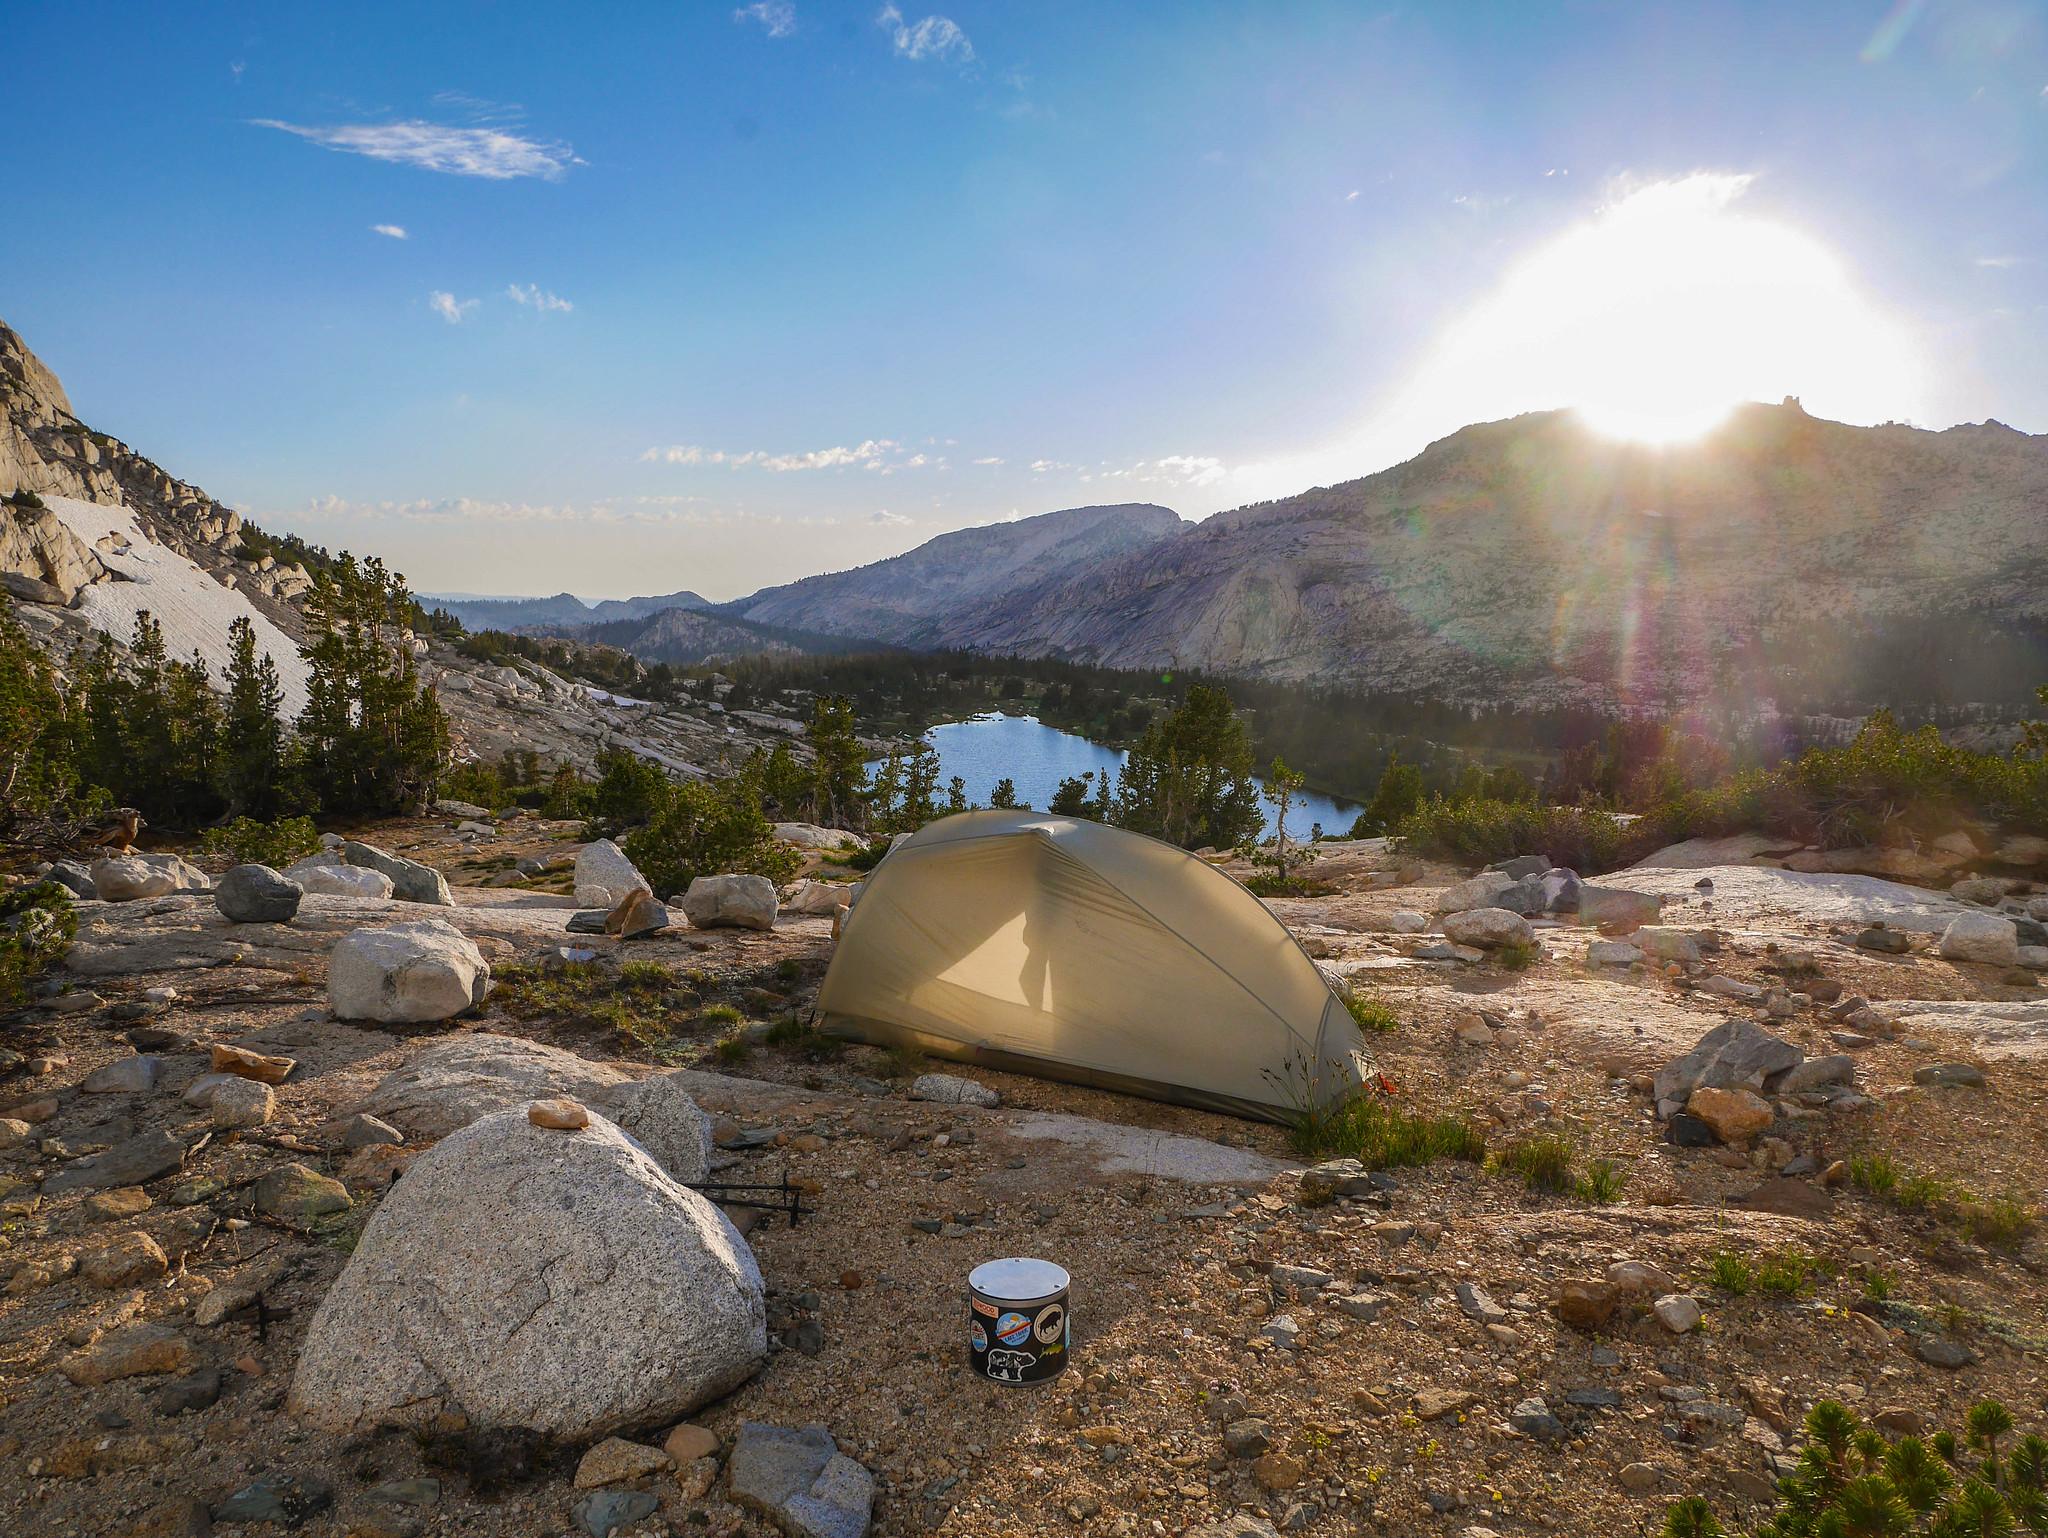 Camp near Townsley Lake